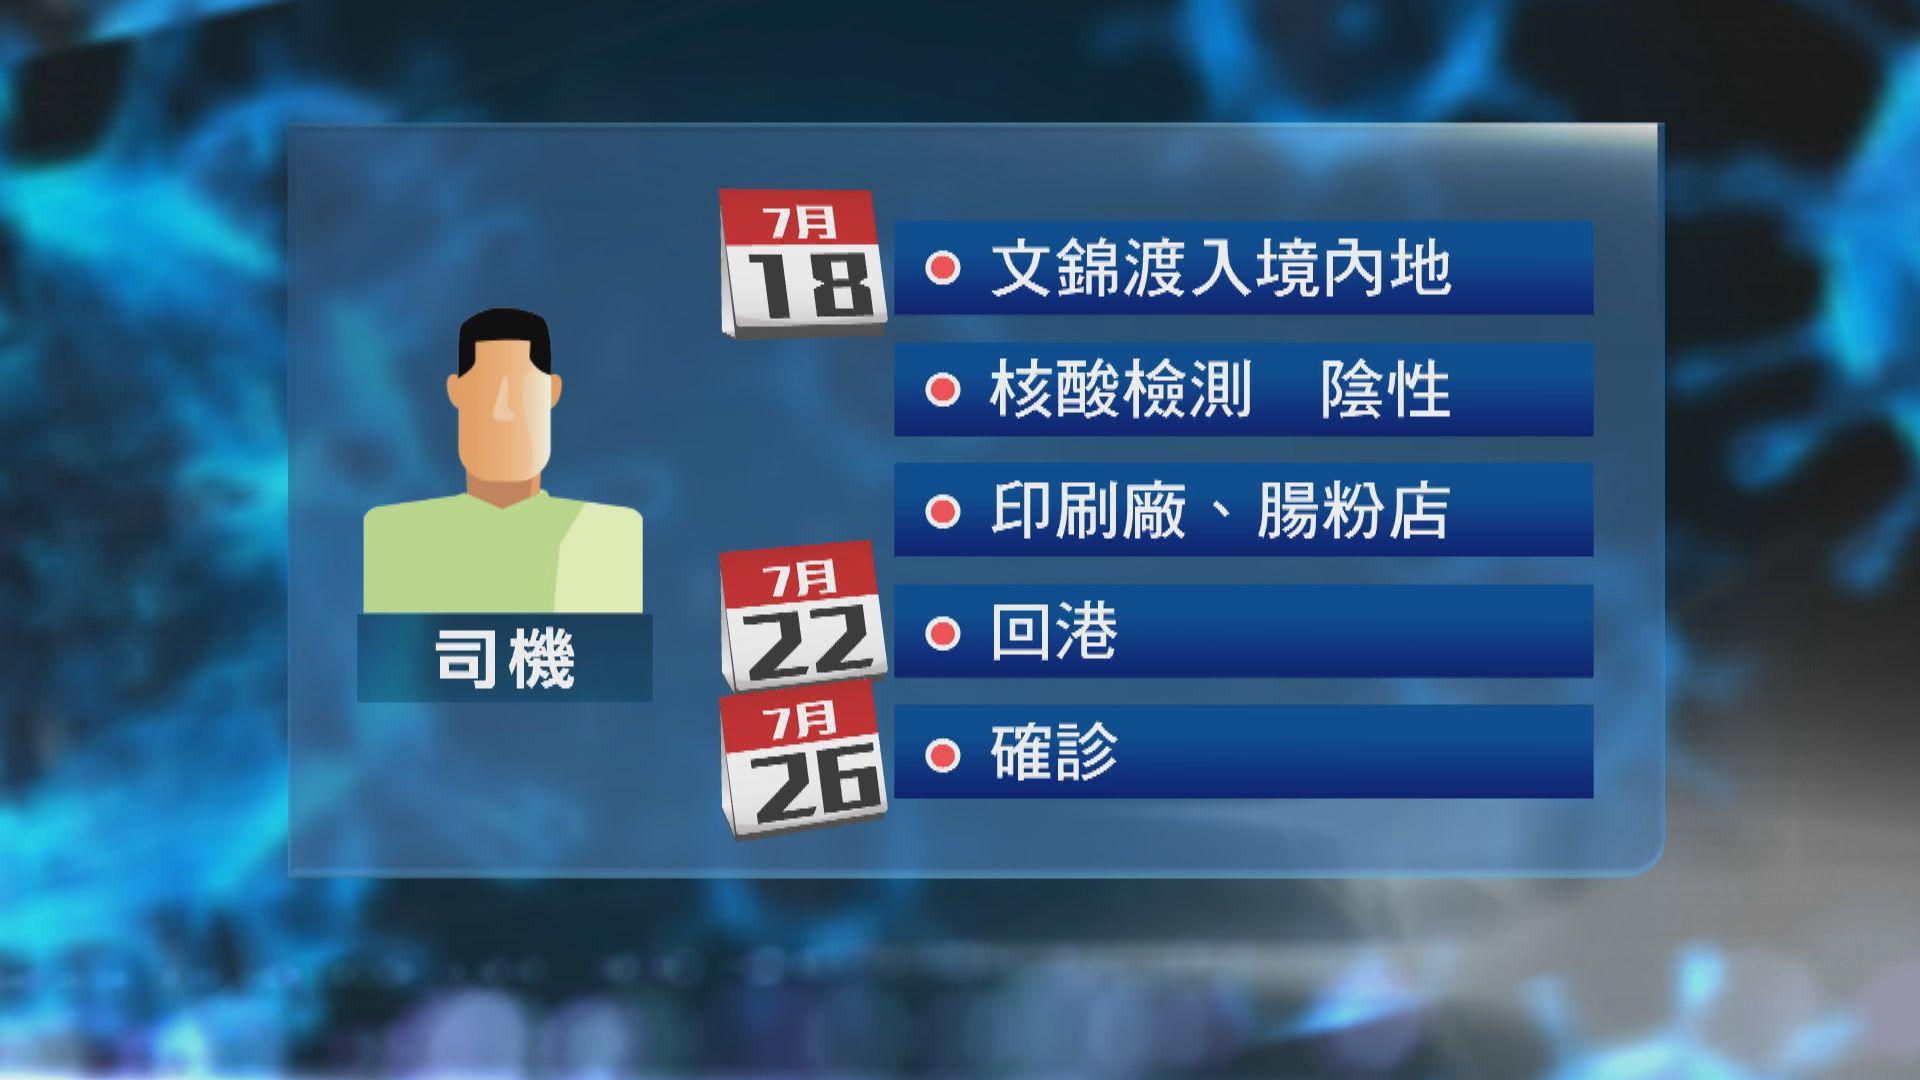 62歲中港車司機確診 成跨境車司機首例